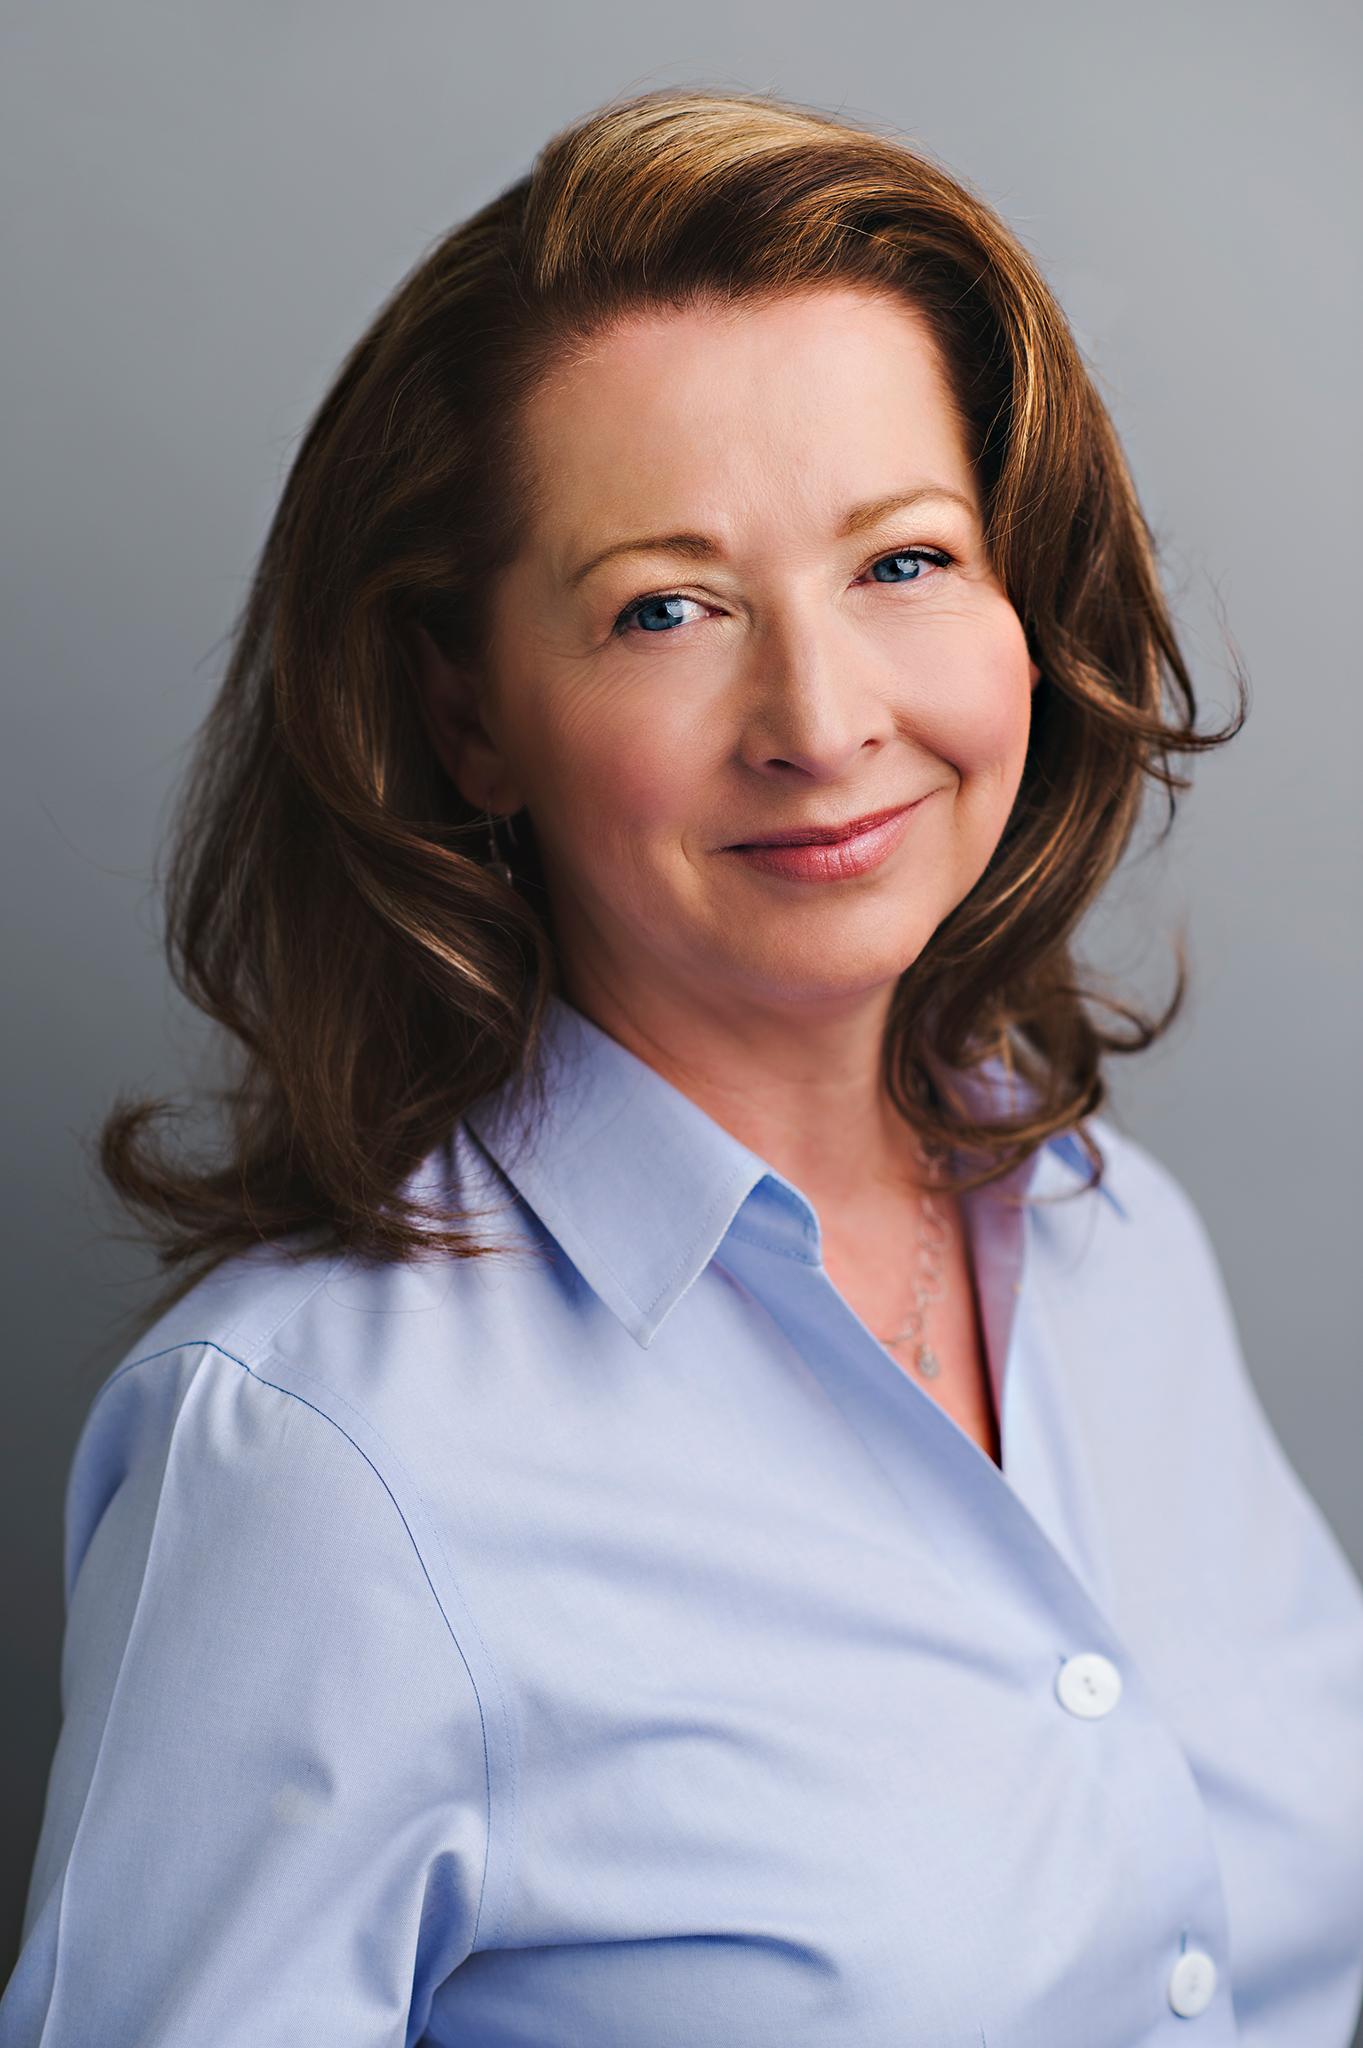 Carol Leaman, President & CEO, Axonify